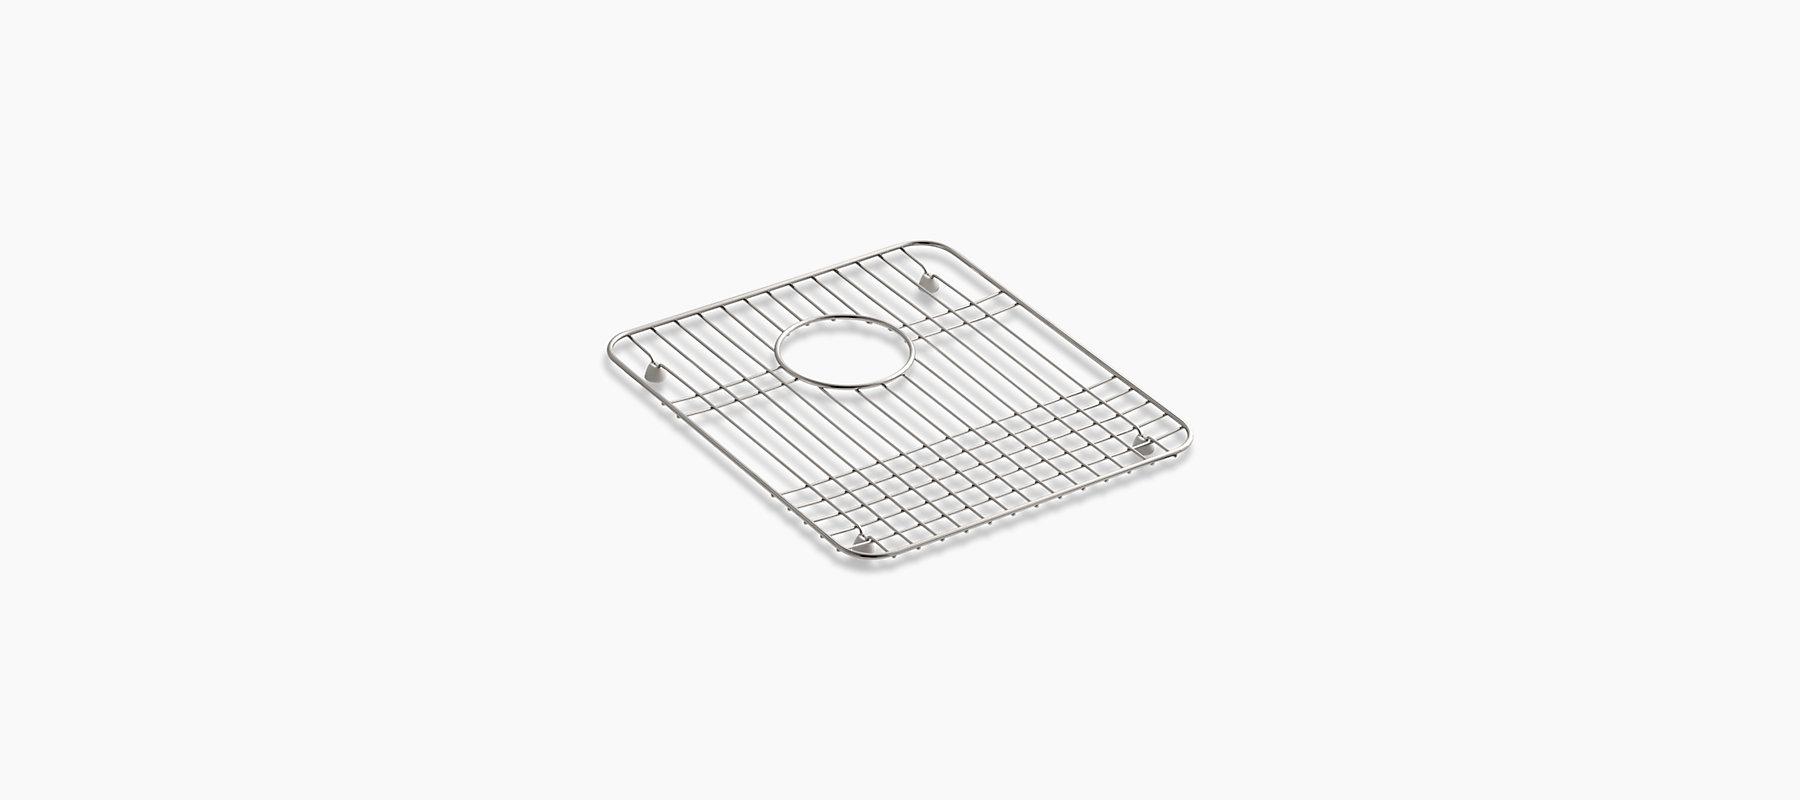 K 3190 Sink Rack For 14 Inch By 15 3 4 Inch Basins Kohler